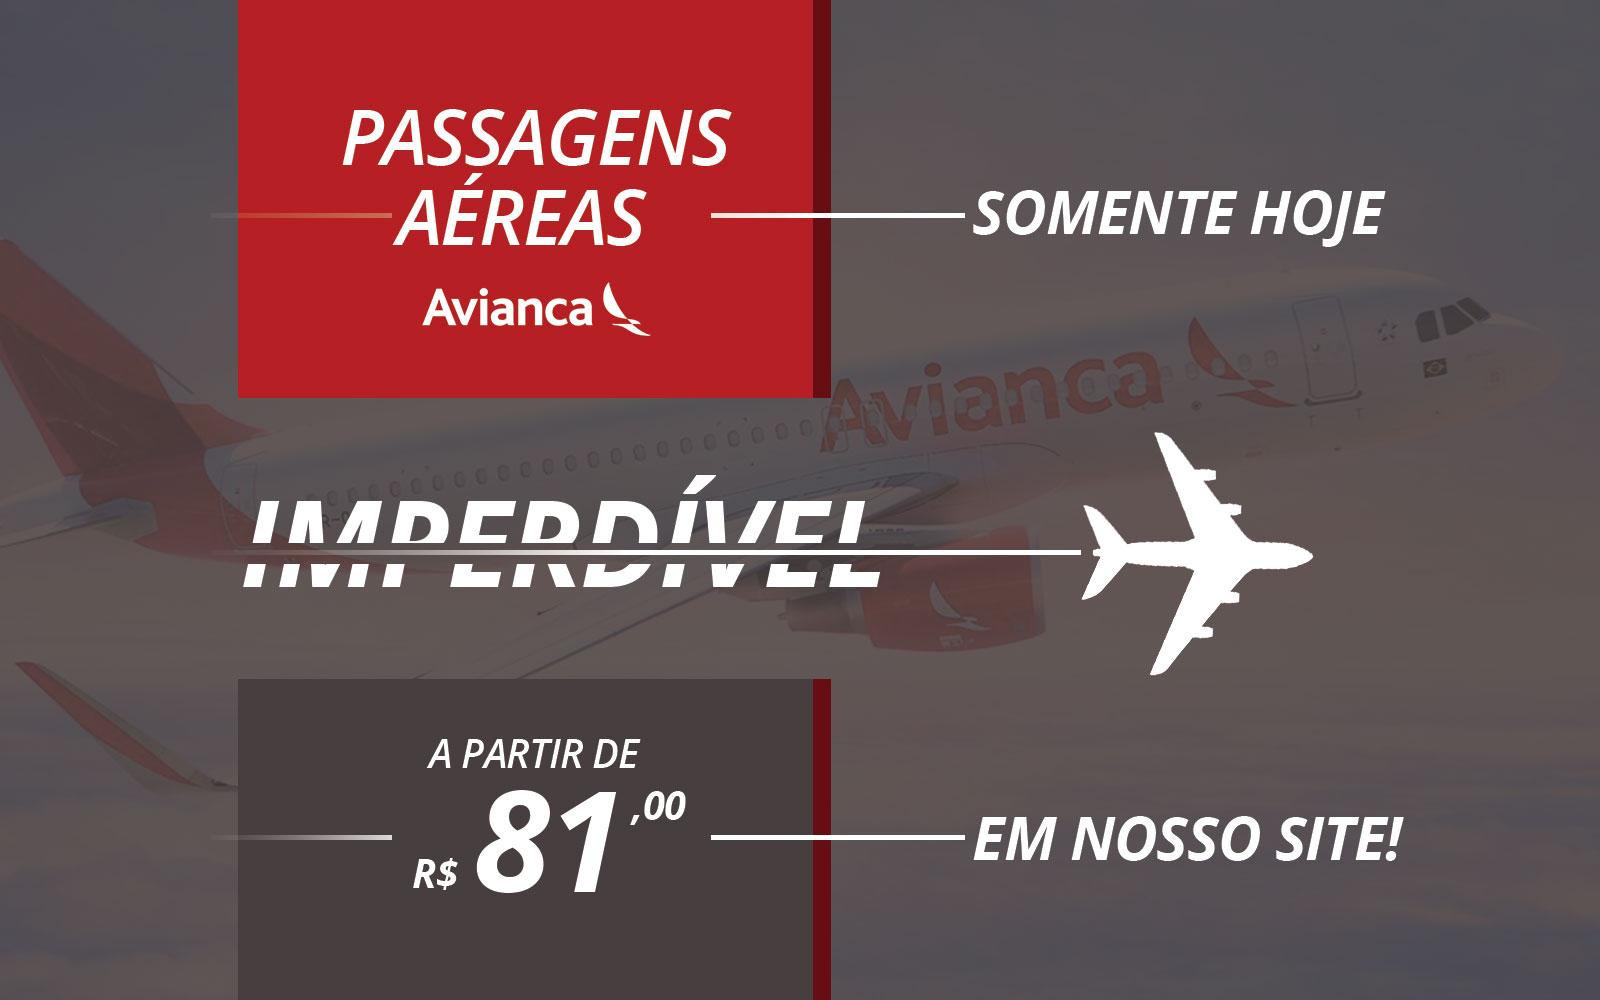 promo-avianca